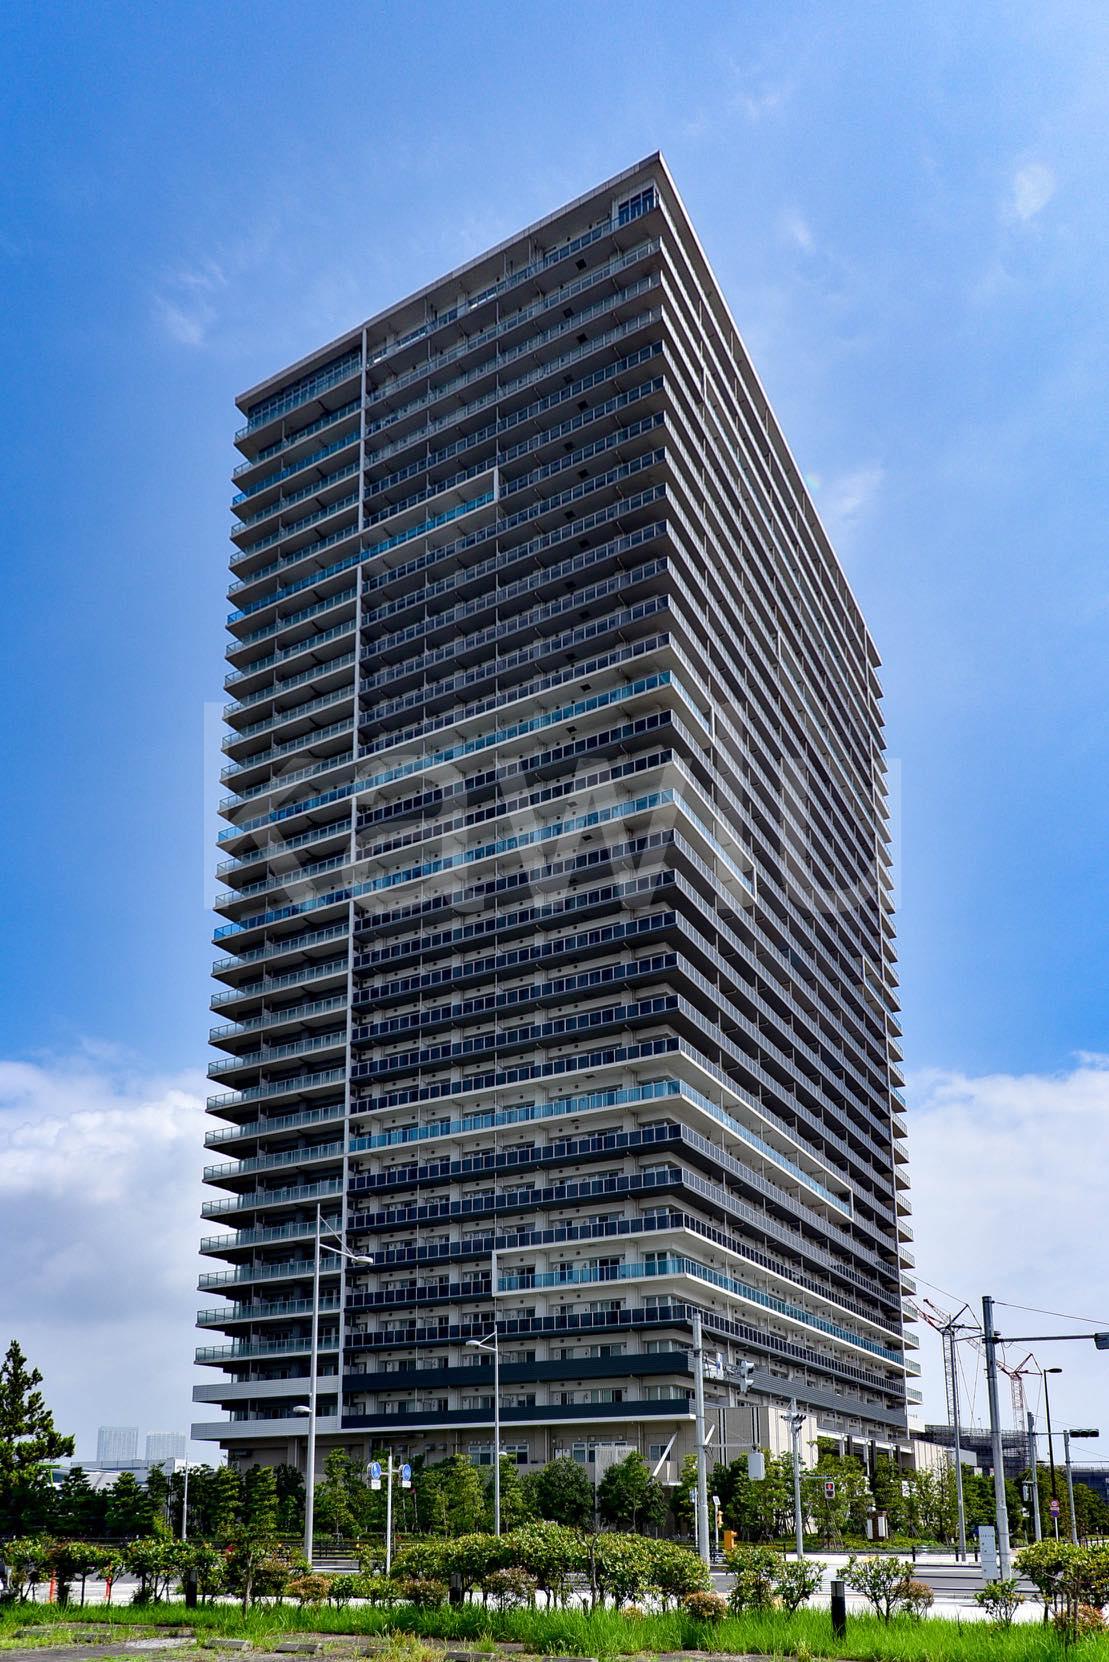 ブリリア有明シティタワーは、湾岸特等席の眺望が約束されたタワマン!